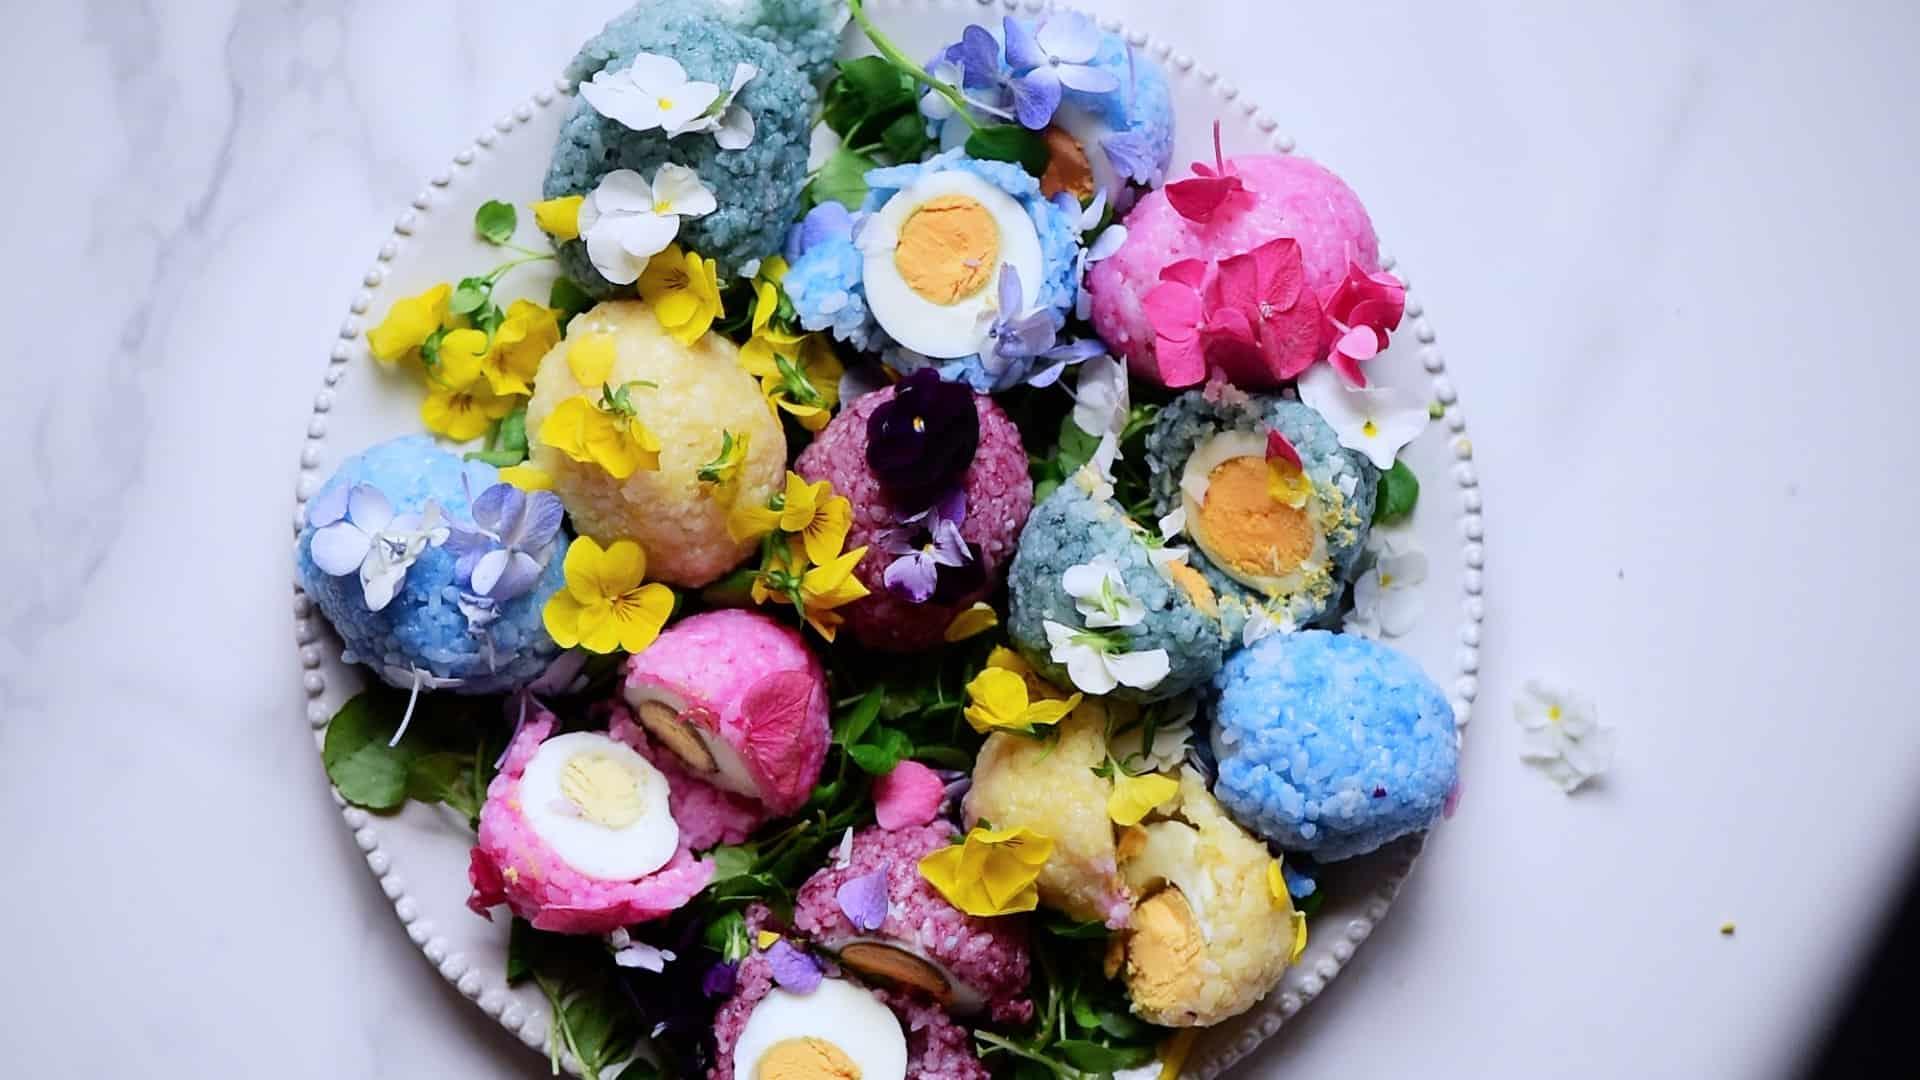 Rainbow Rice Eggs